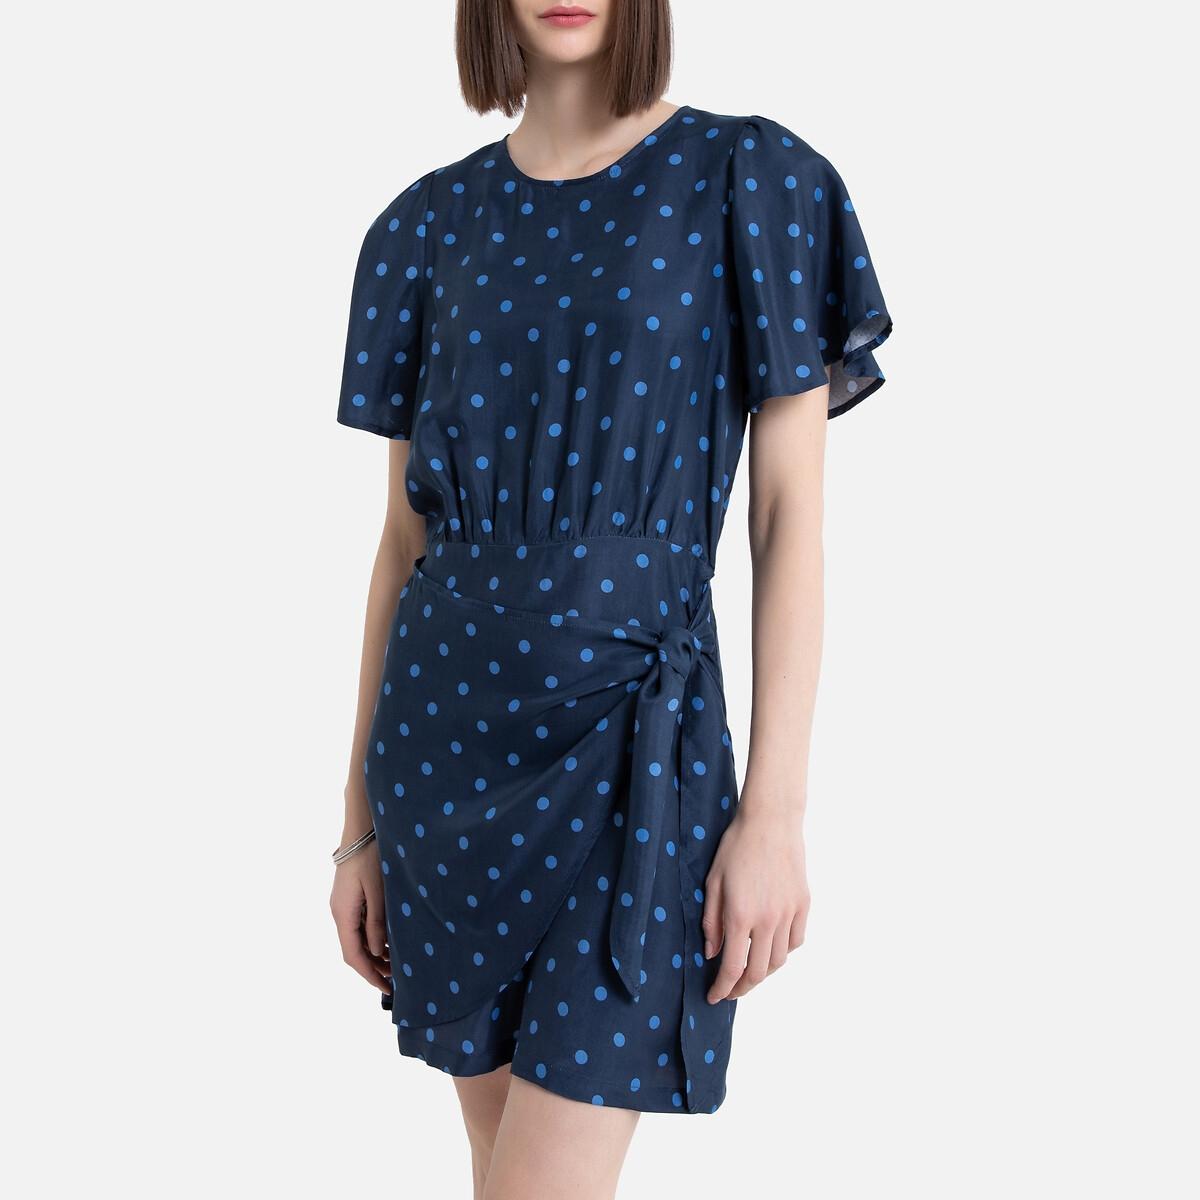 Платье La Redoute С короткими рукавами-бабочками и рисунком в горошек 40 (FR) - 46 (RUS) синий цена и фото